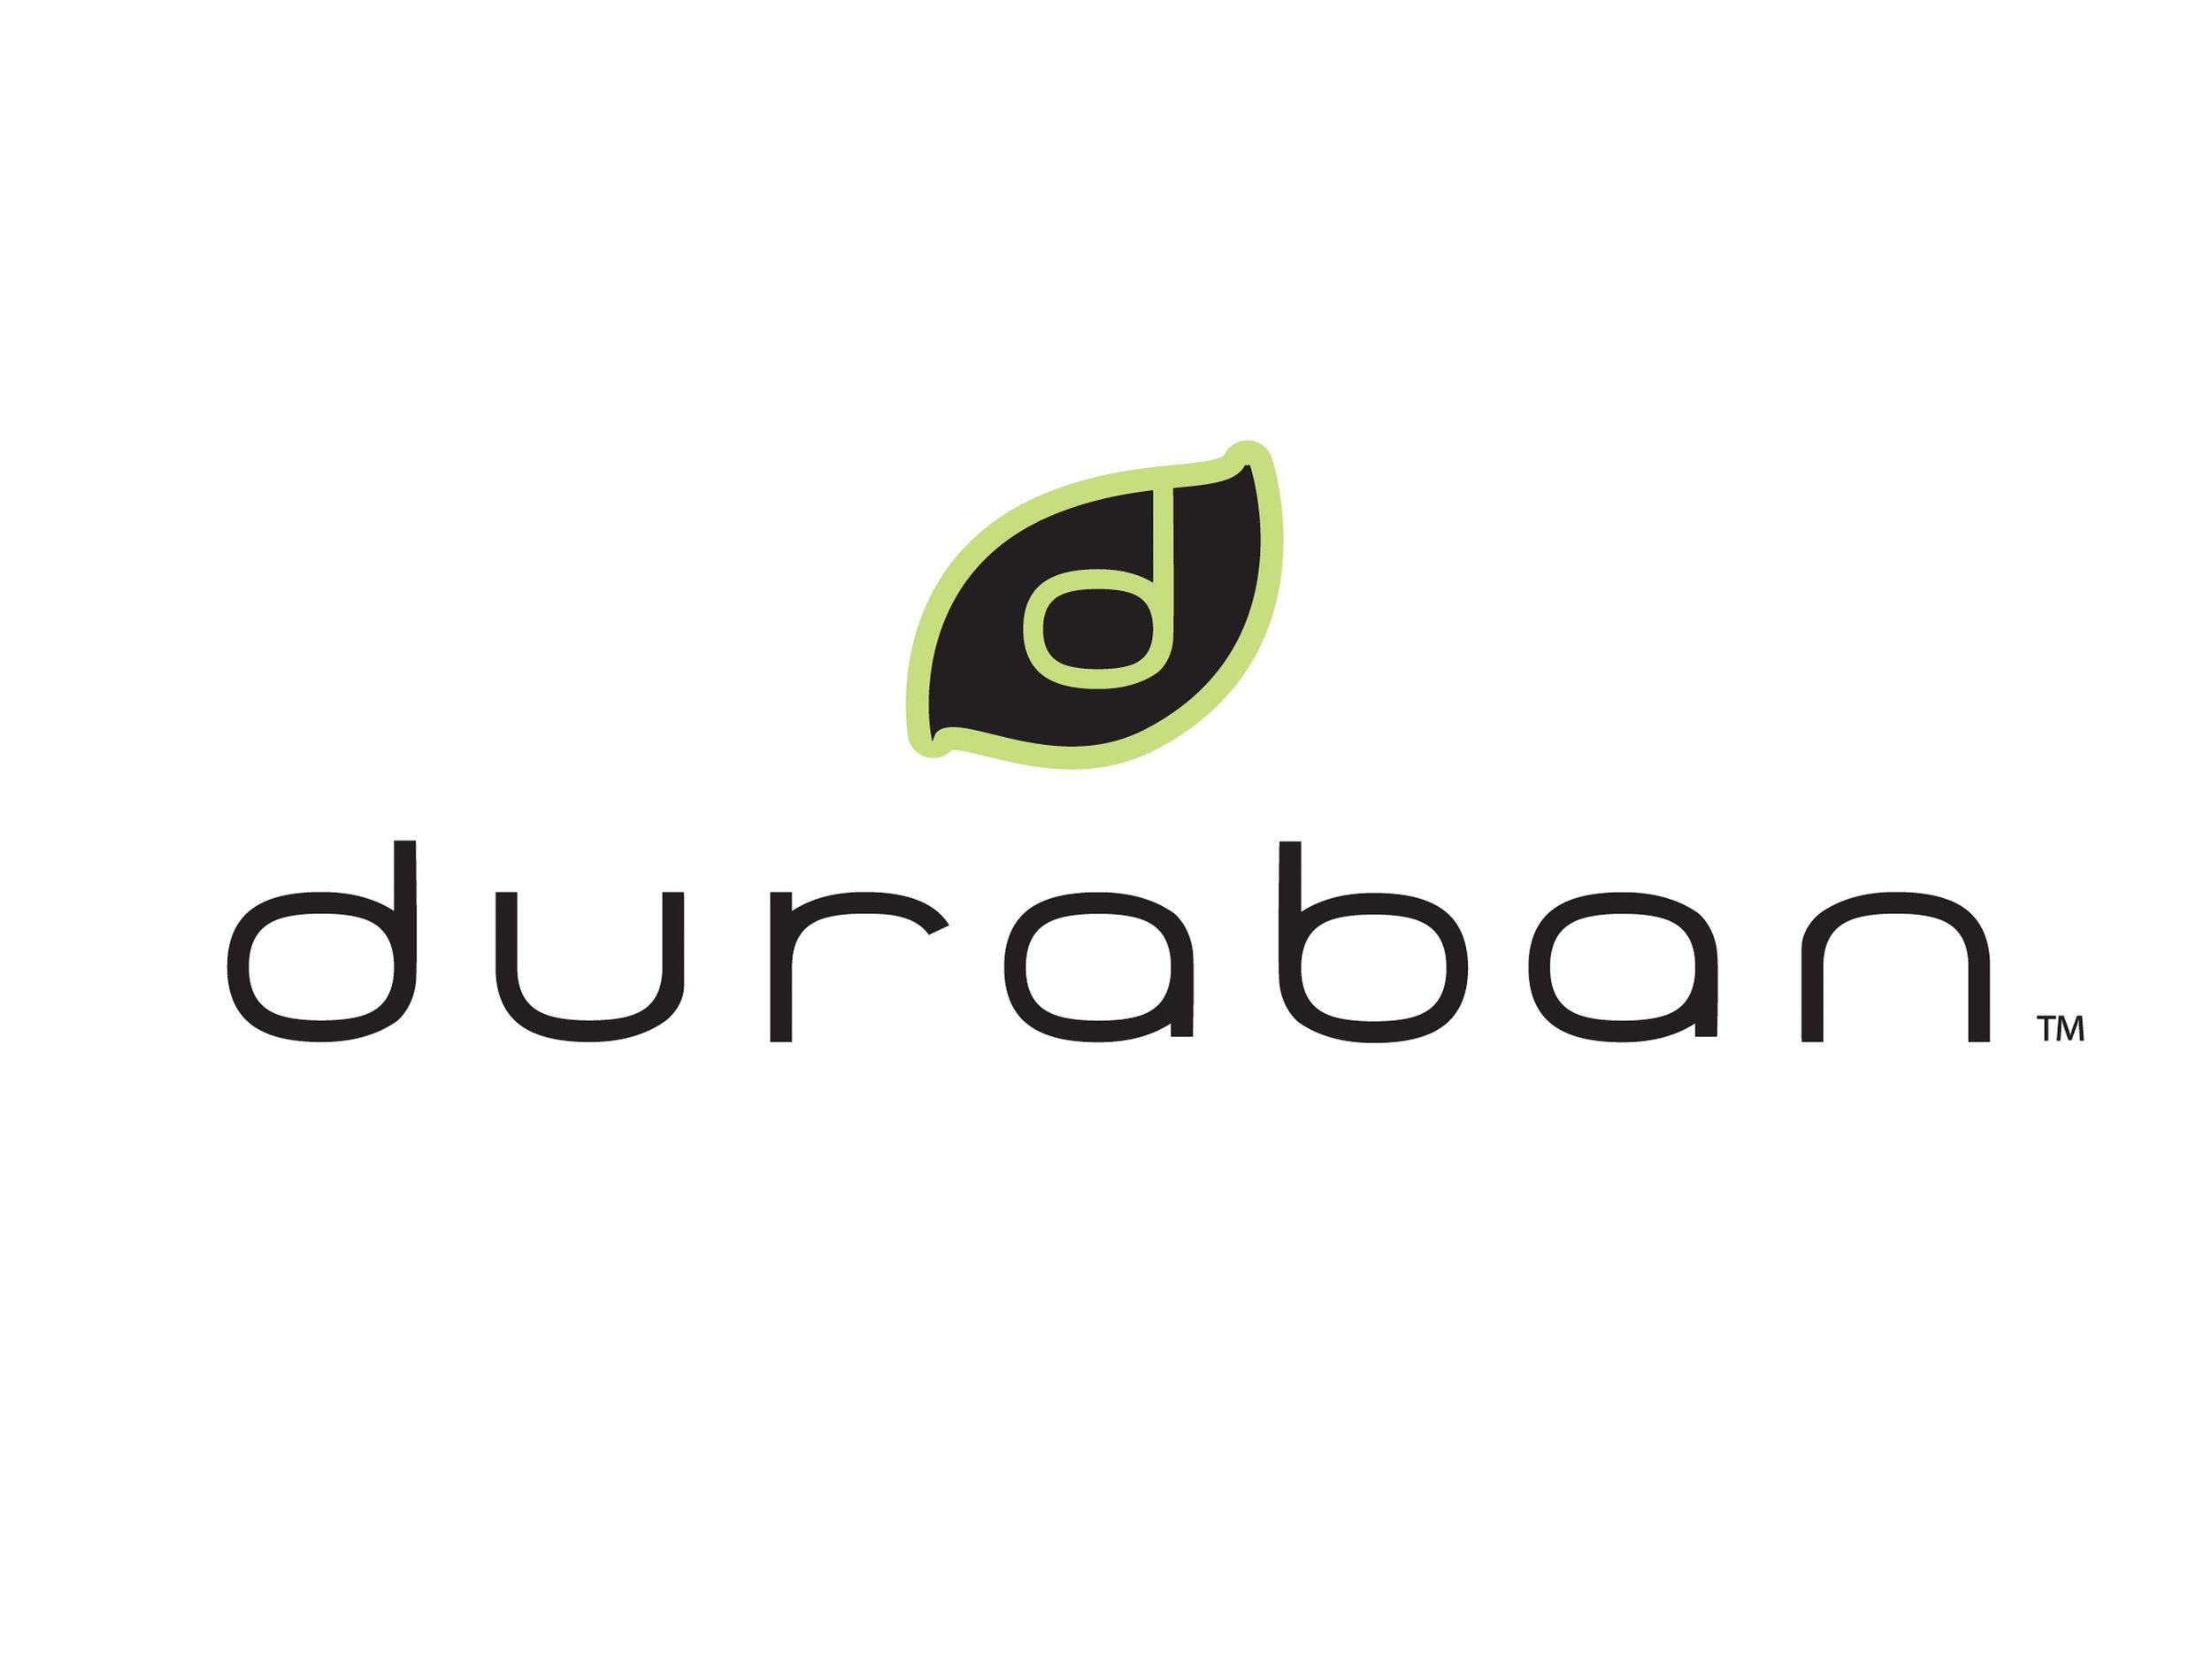 Whoville Duraban Logo.jpg